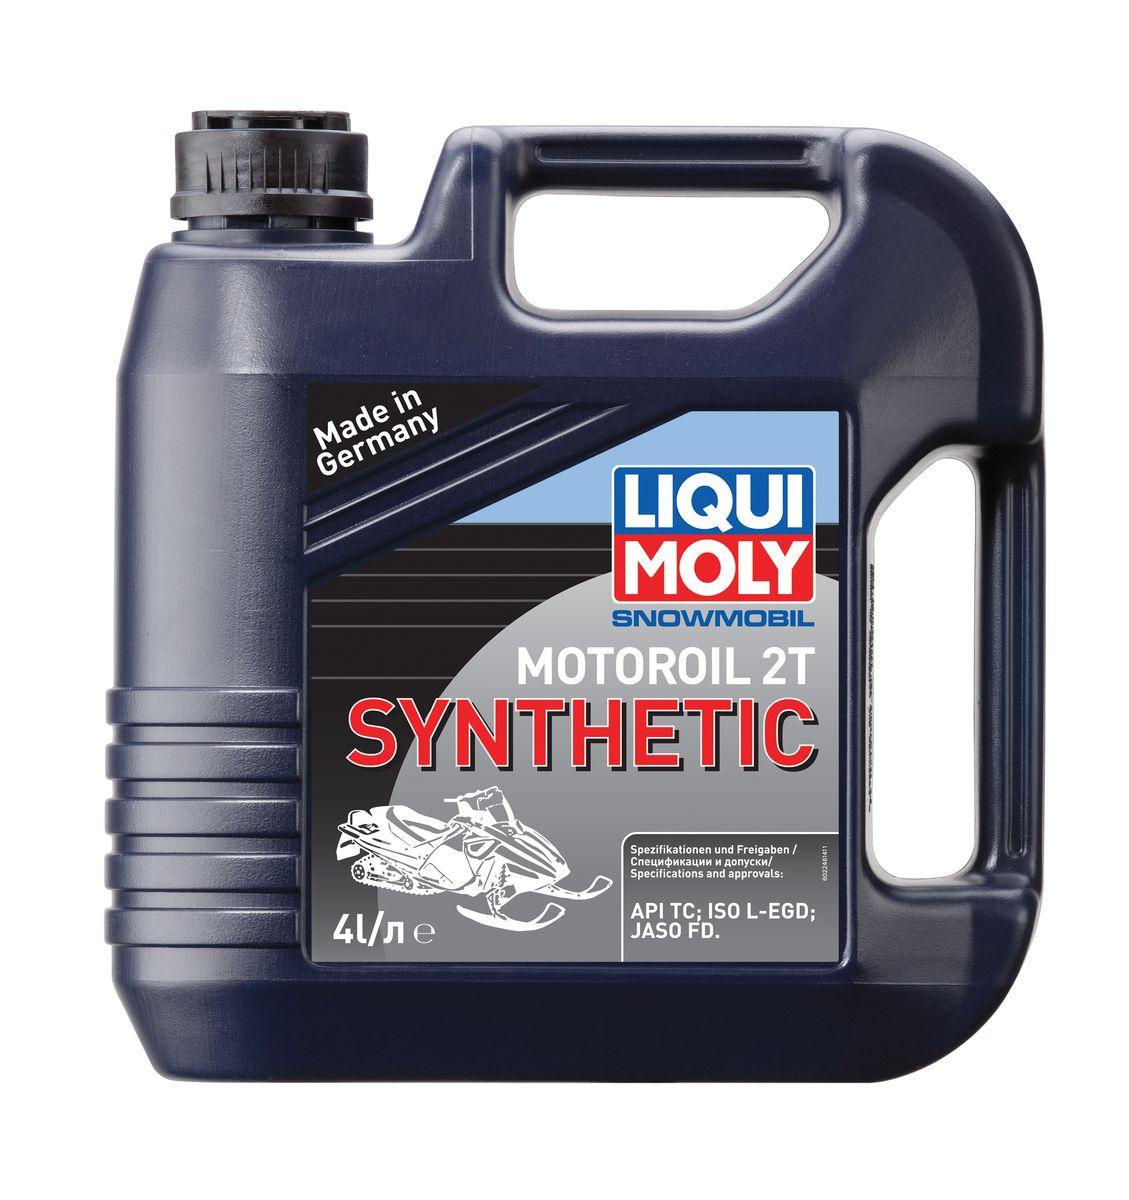 Масло моторное Liqui Moly Snowmobil Motoroil 2T Synthetic, синтетическое, 4 л2246Масло моторное Liqui Moly Snowmobil Motoroil 2T Synthetic предназначено для эксплуатации высокофорсированных двухтактных снегоходов в условиях экстремальных нагрузок и крайне низких температур. Комбинация полностью синтетической базы и современных присадок гарантирует максимальную защиту двигателя на любых оборотах и нагрузках. Бездымно сгорает, не дает нагаров в двигателе и глушителе. Отлично прокачивается масляным насосом при крайне низких температурах. Повышает мощность двигателя. Поддерживает чистоту свечей. Самосмешиваемо с топливом, используется для раздельной и смешанной систем подачи топлива. Защищает от коррозии. Красного цвета. Полностью синтетическая базовая основа в сочетании с современными присадками обеспечивает: - легкий запуск в мороз, - безупречную чистоту двигателя, свечей зажигания, мощностного клапана и глушителя, - отличную защиту от износа, задиров и прихватов, - бездымное сгорание, - низкую концентрацию масла в...